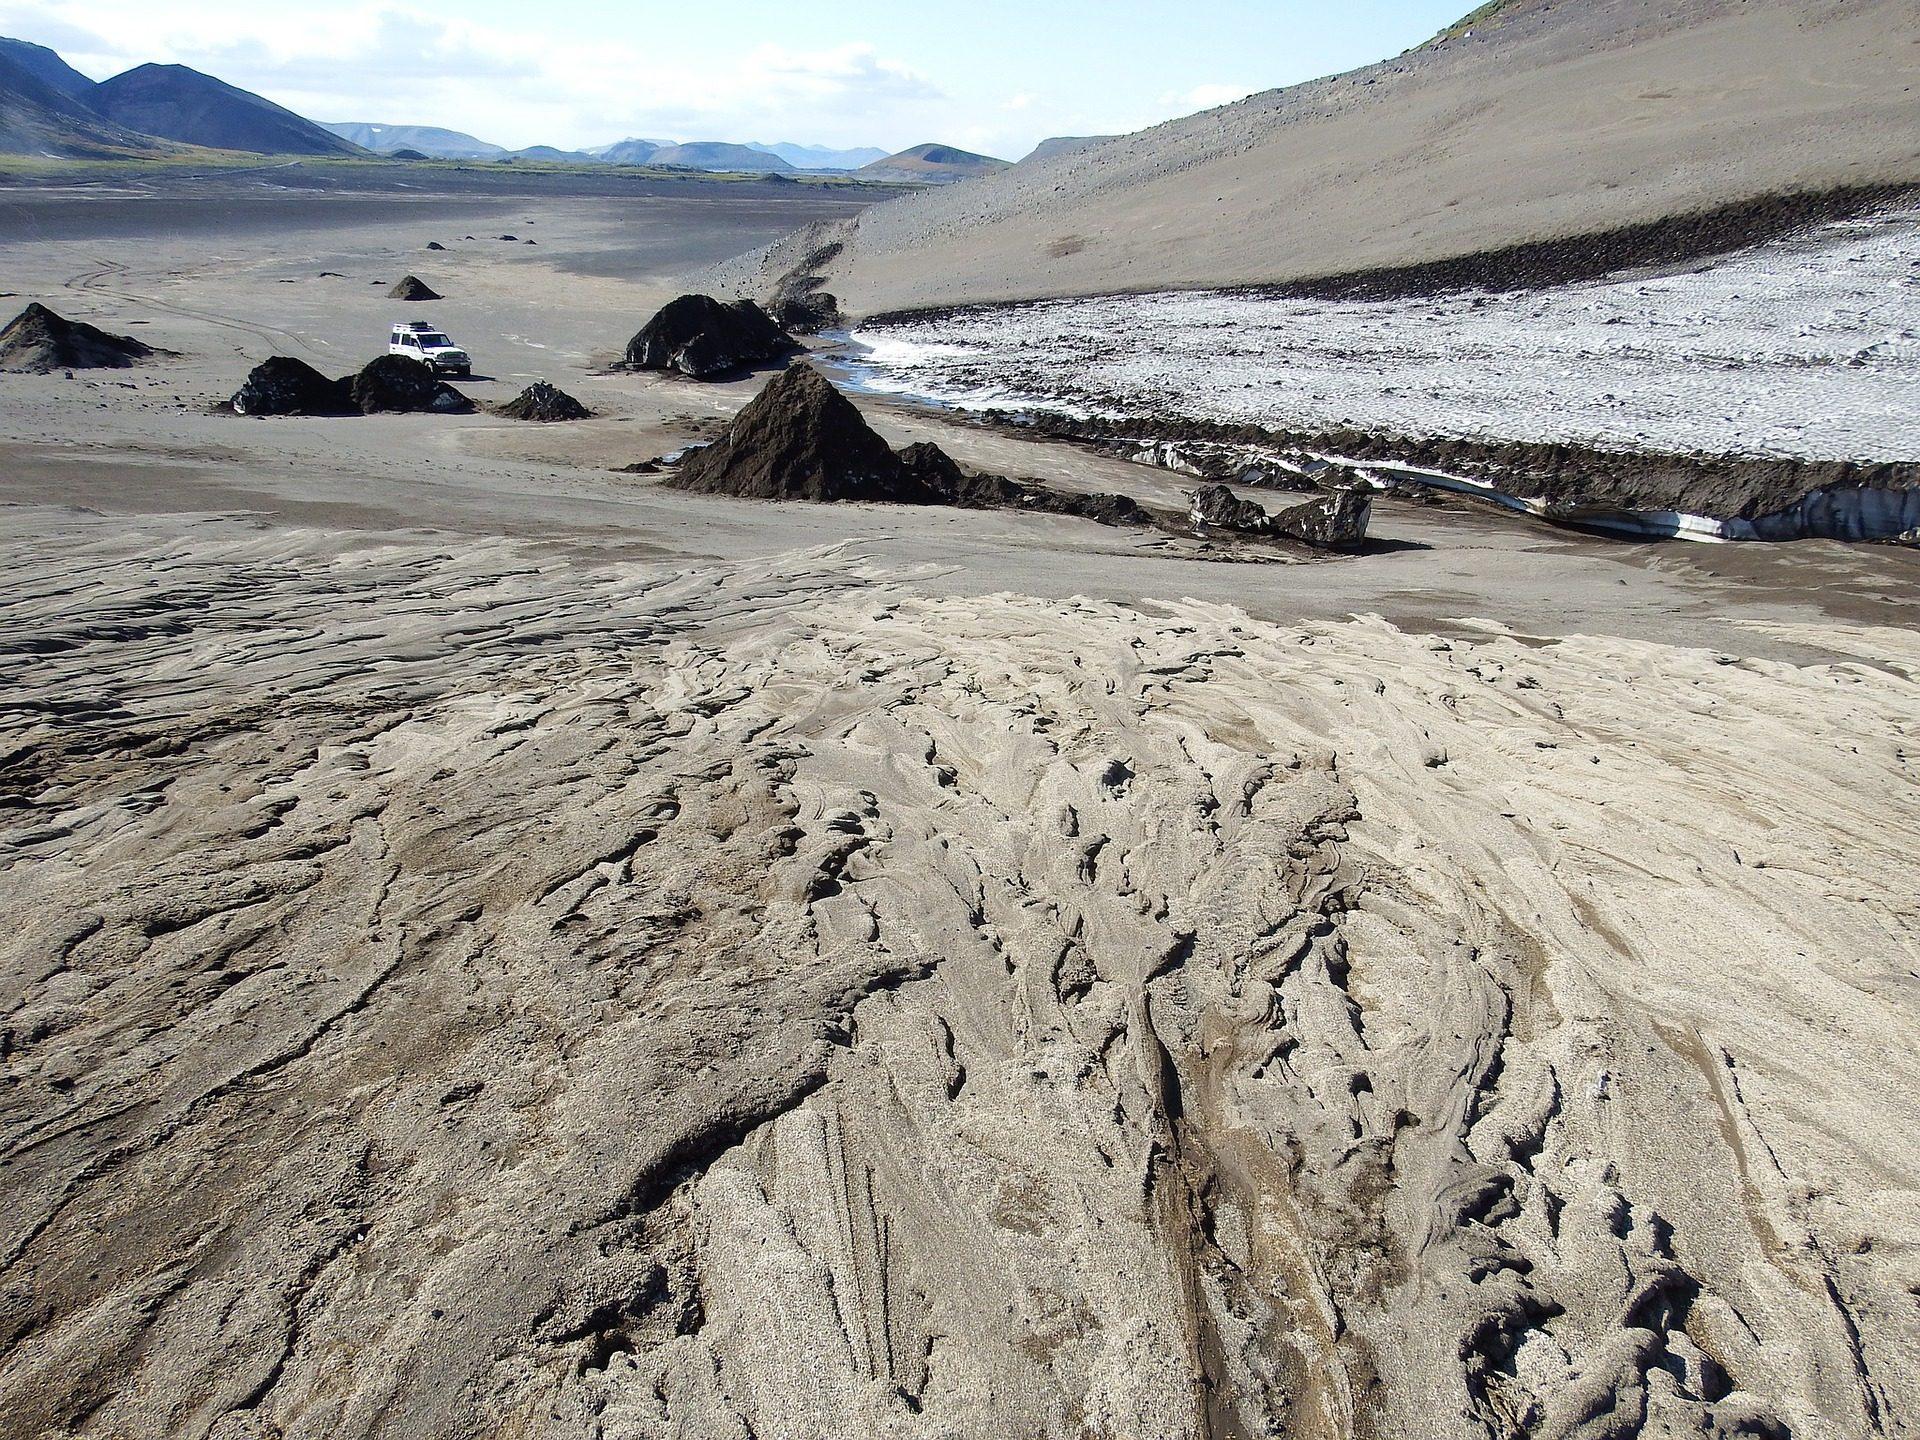 areia, deserto, Montanha, pedras, carro, lama - Papéis de parede HD - Professor-falken.com